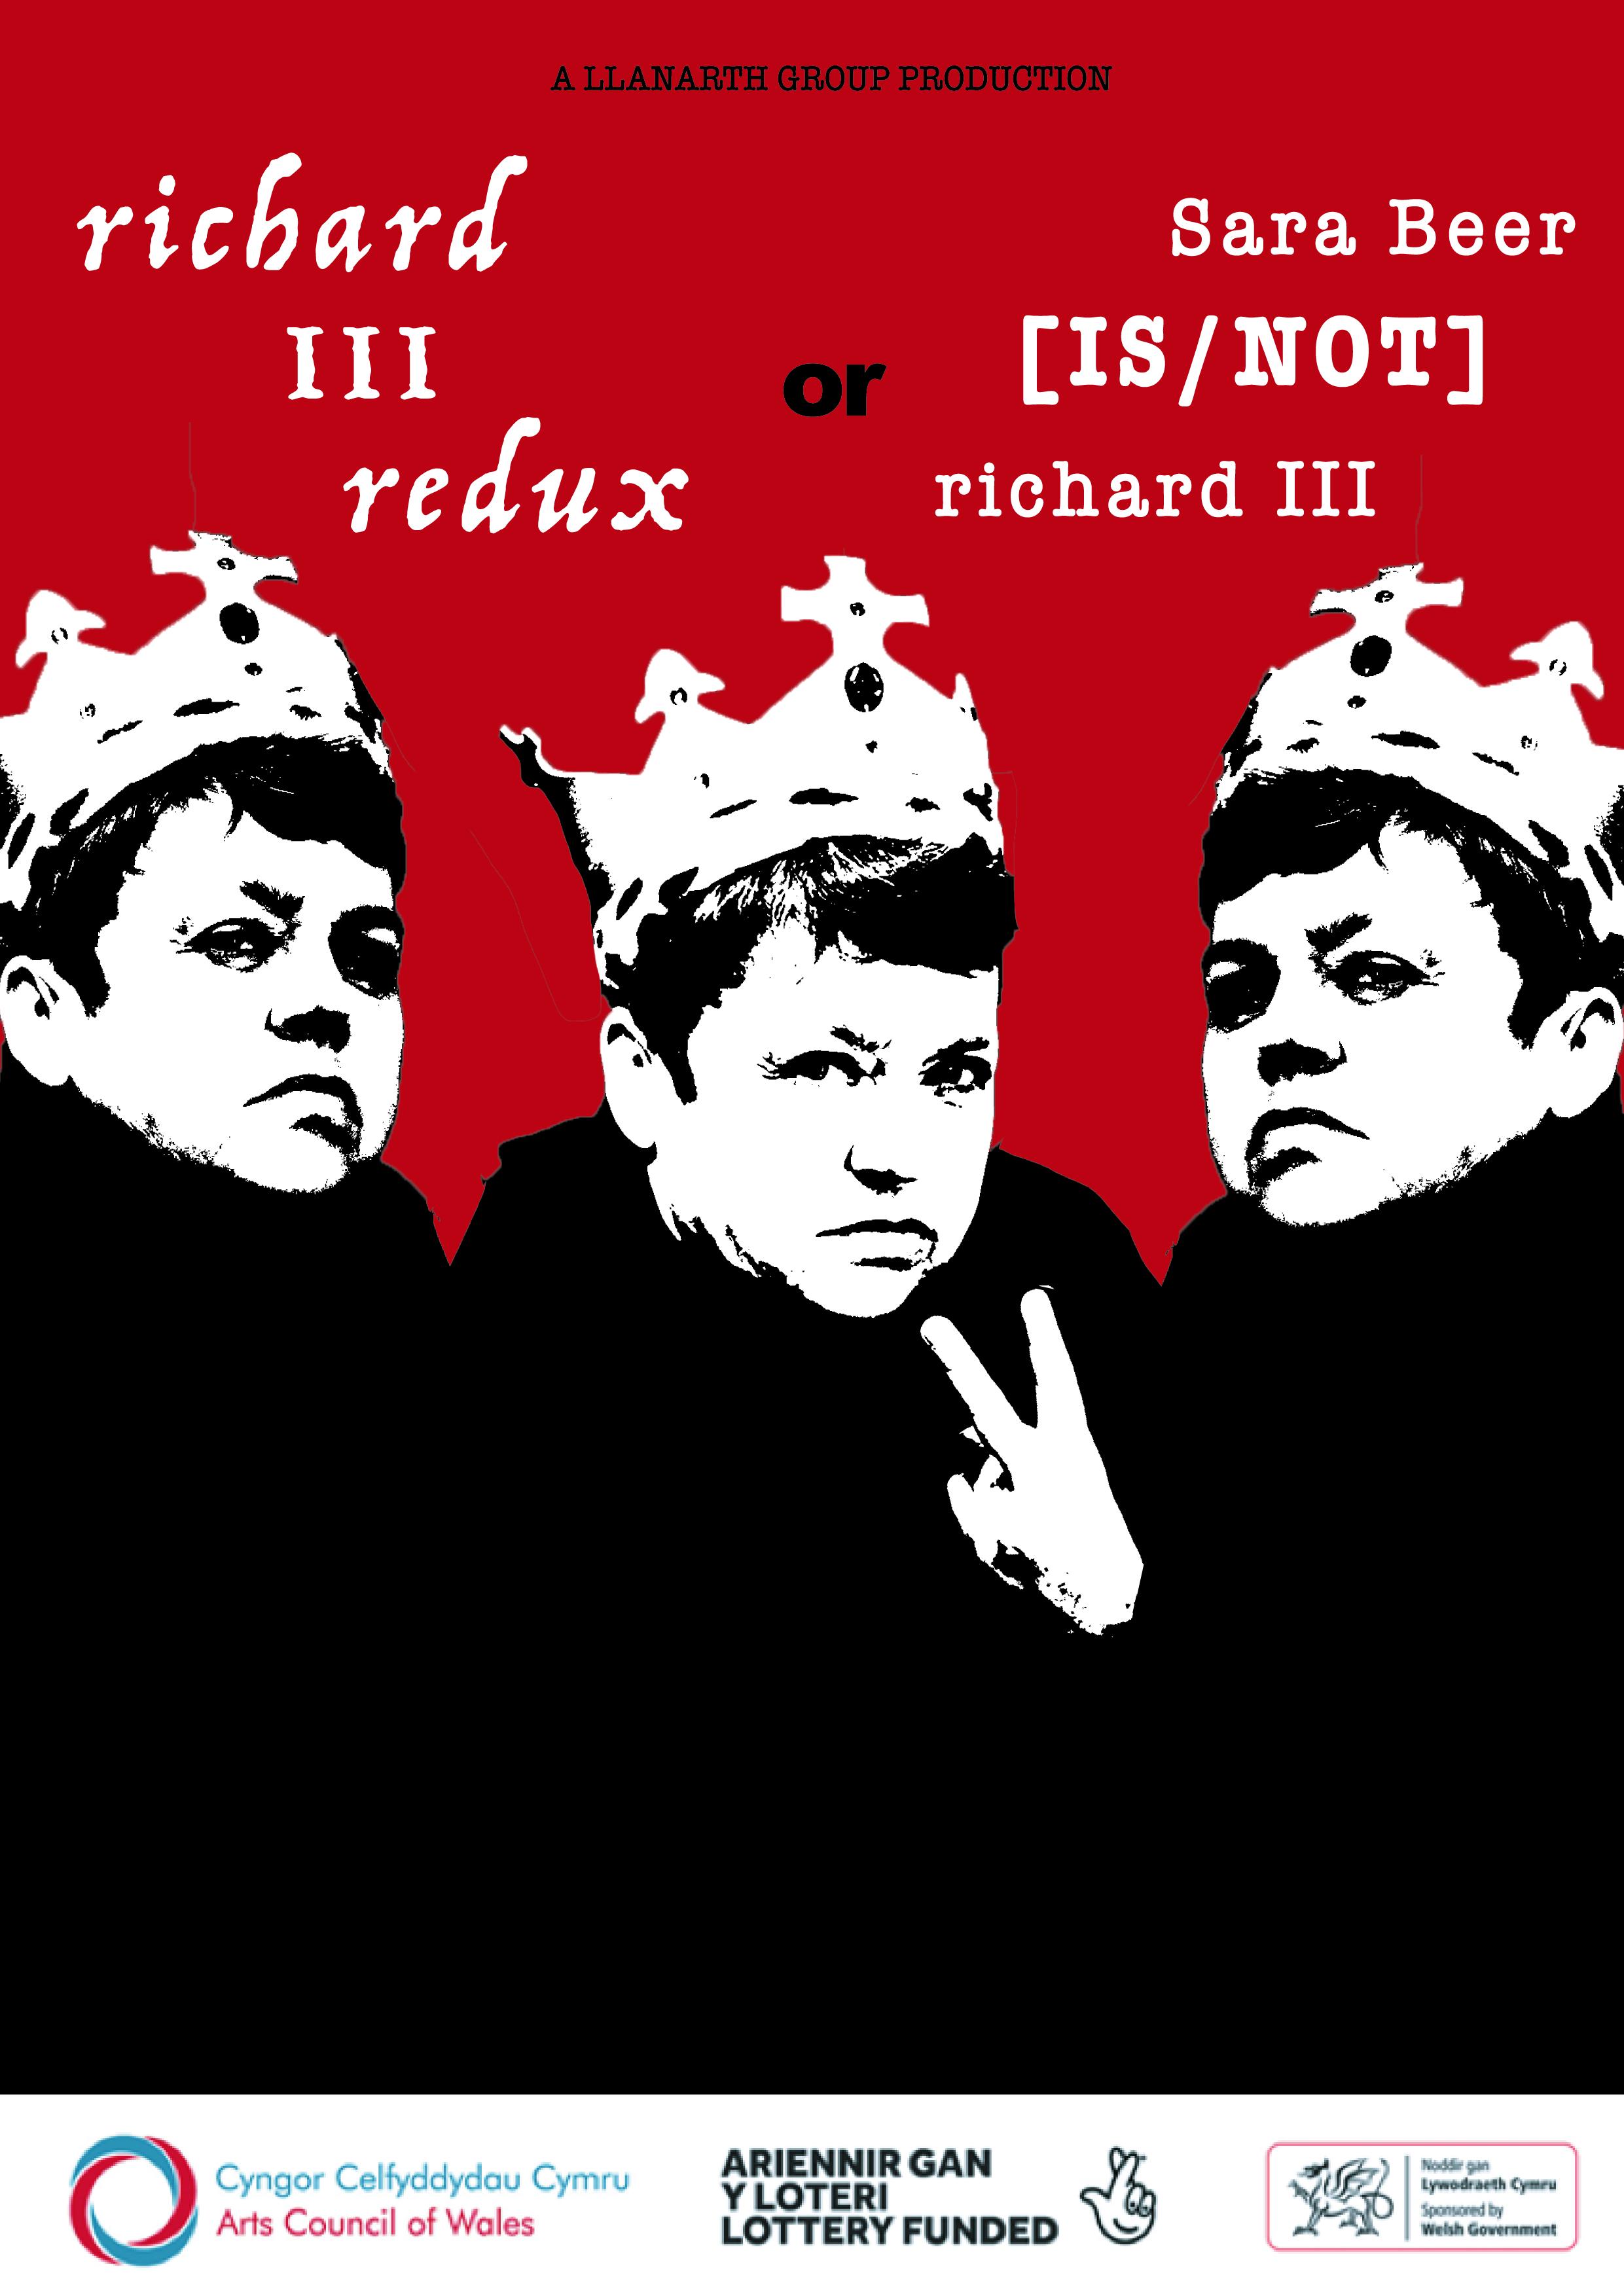 Richard iii redux image.jpg